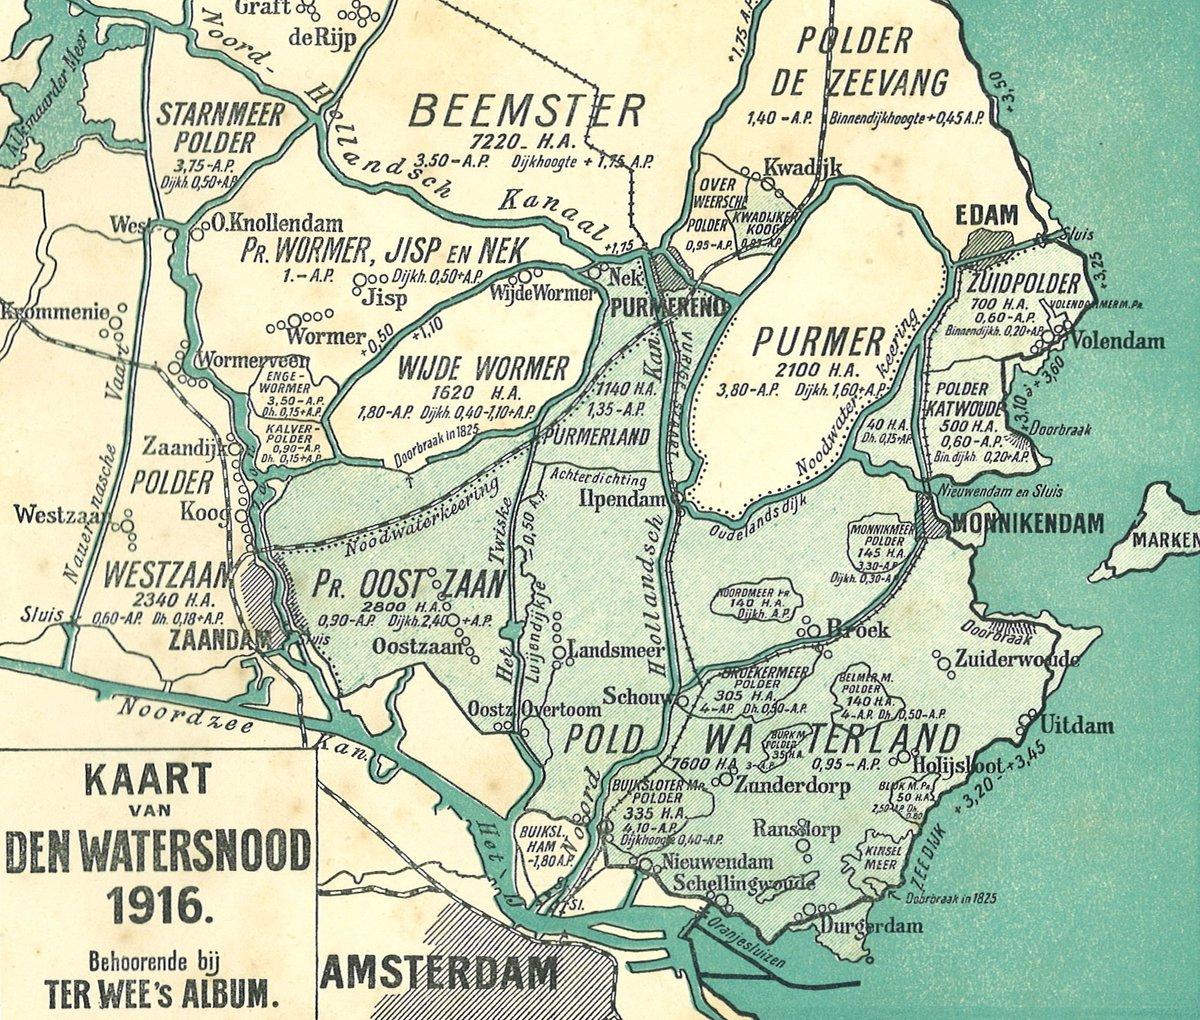 Komende nacht precies 100 jaar geleden werd Noord-Holland getroffen door een watersnoodramp https://t.co/X2NmnoY5or https://t.co/QFBLJF5ipg